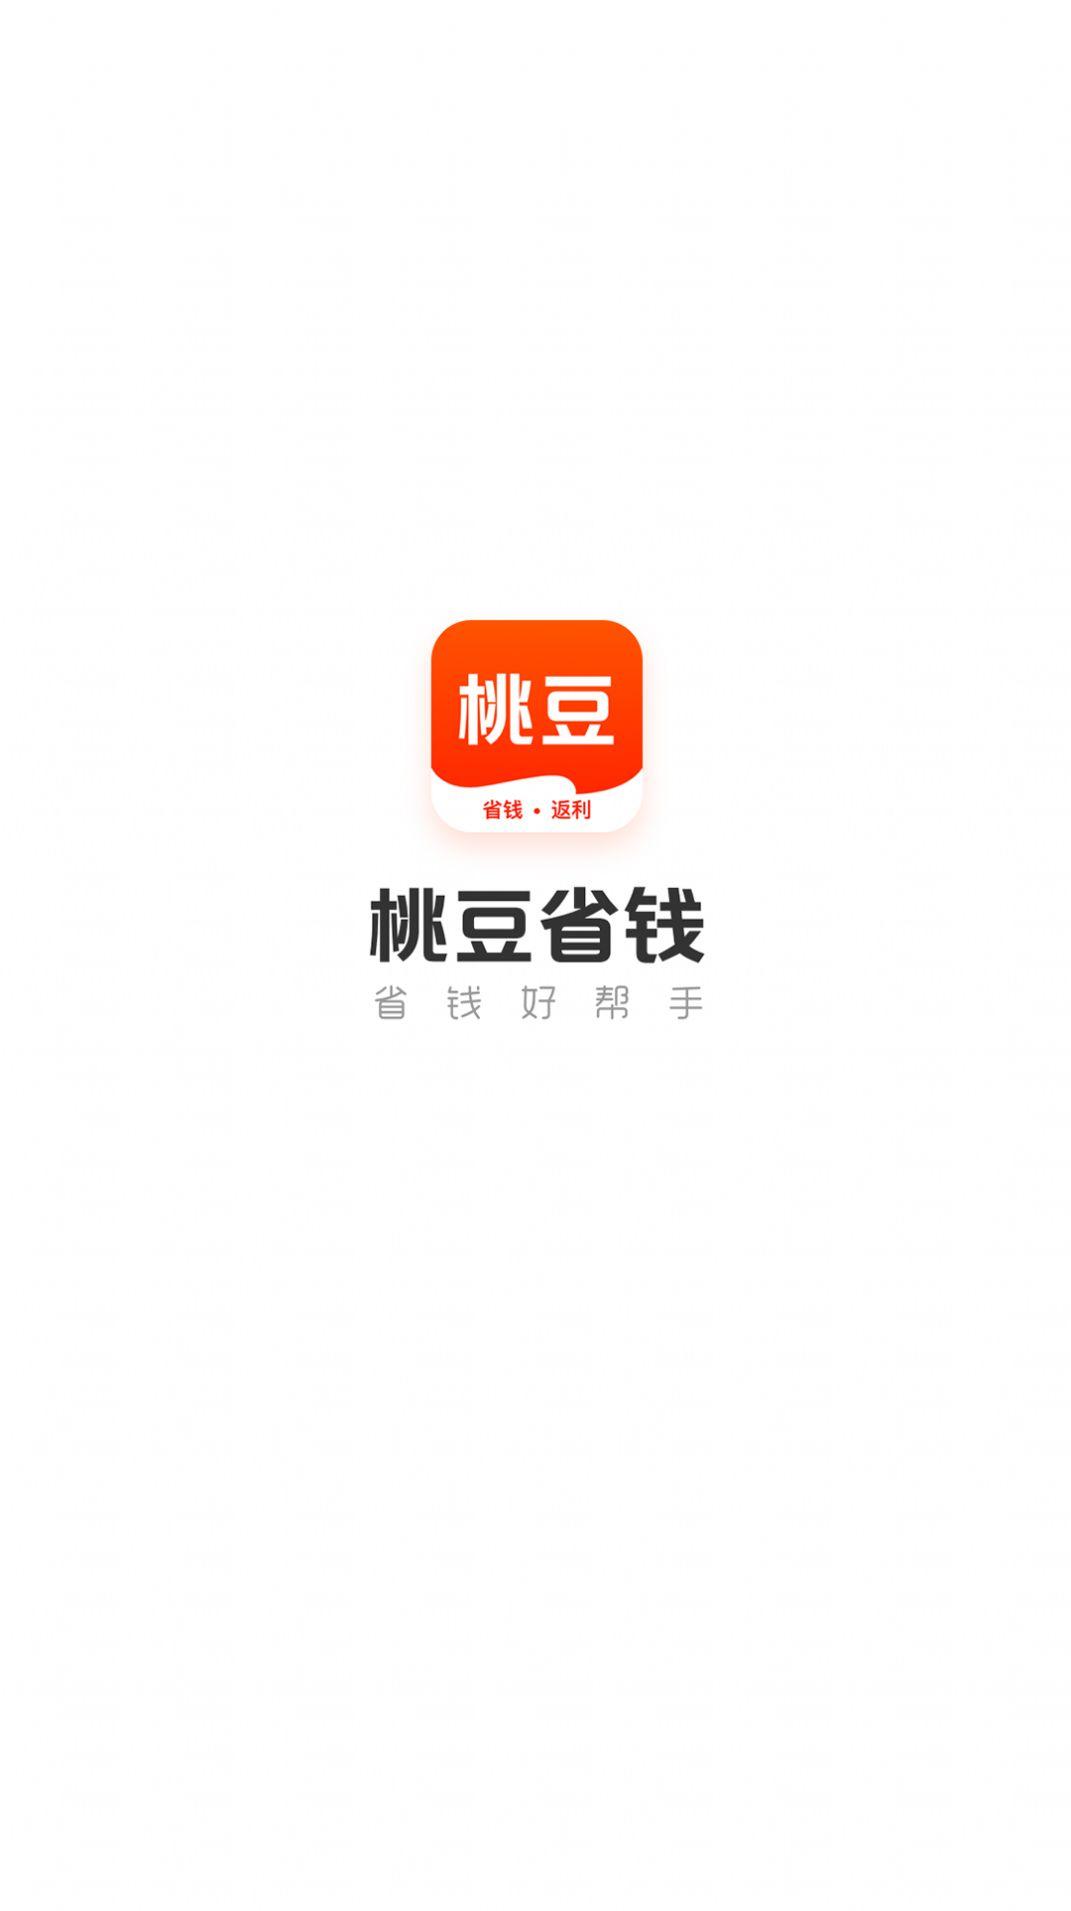 桃豆省錢安卓版軟件app下載圖片1